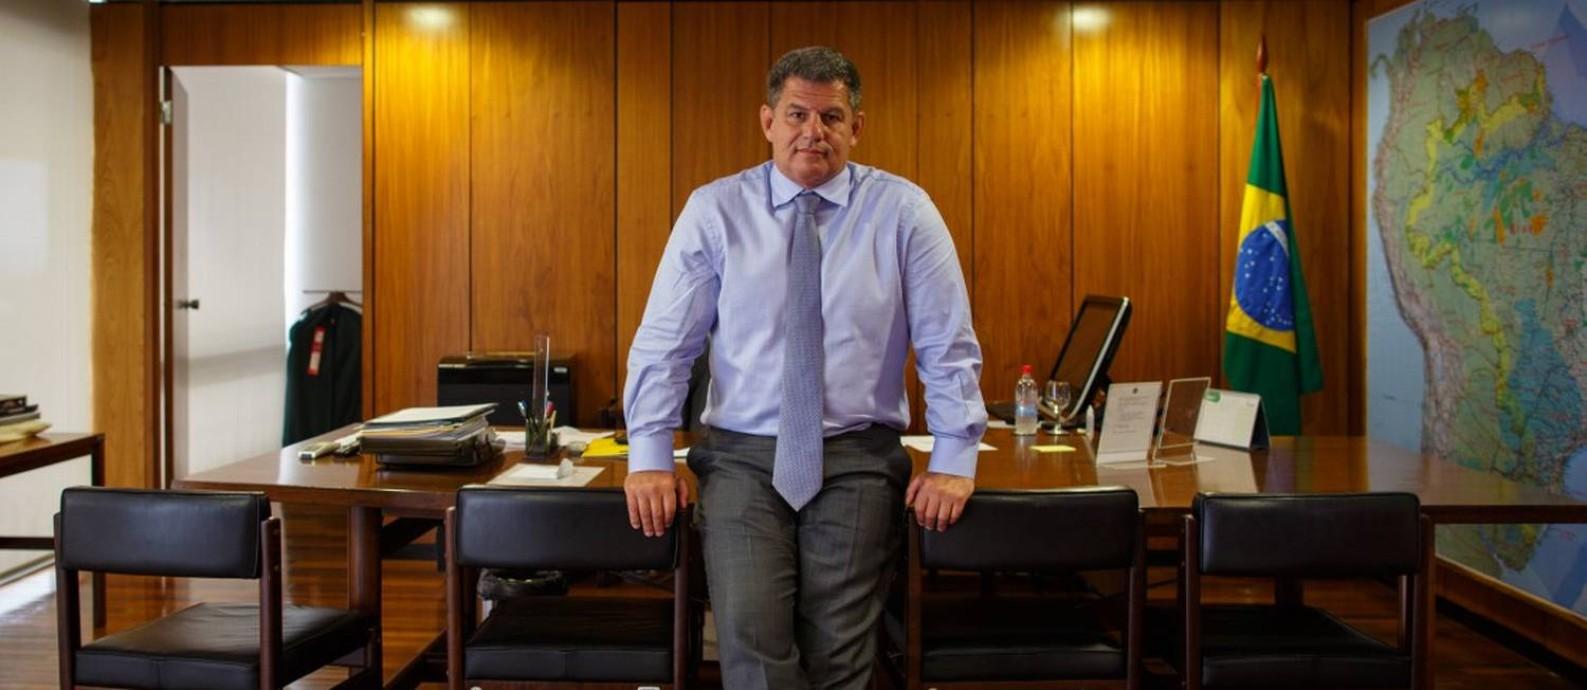 Gustavo Bebianno, ministro da Secretaria-Geral da Presidência Foto: Daniel Marenco / Agência O Globo